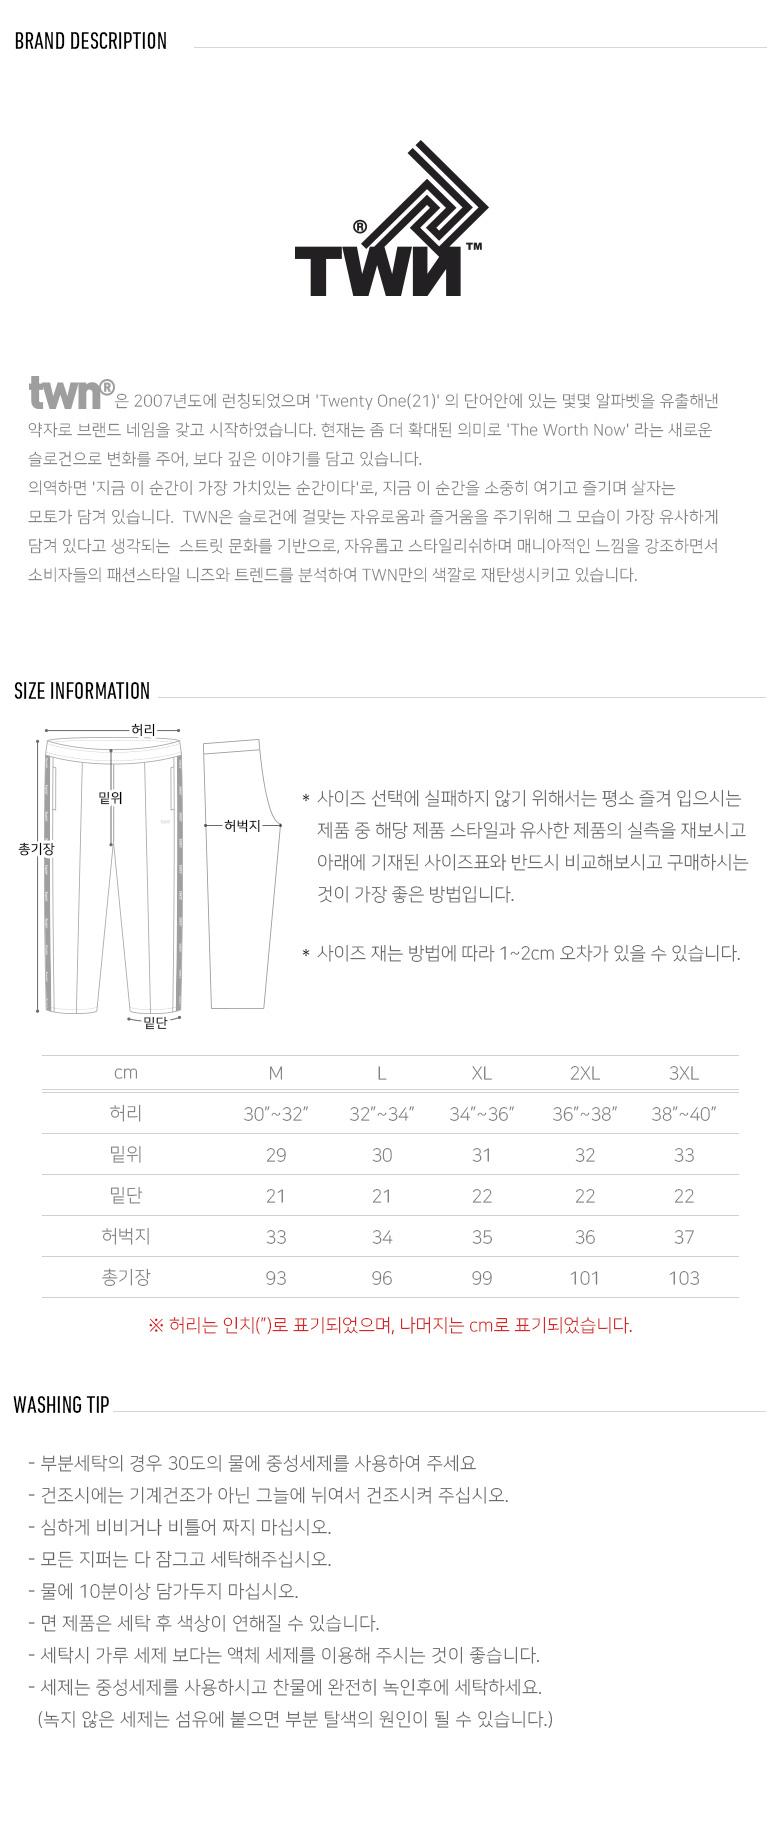 [10/1 예약발송][티떠블유엔] 스카치로고 트레이닝팬츠 6종 STLP3118